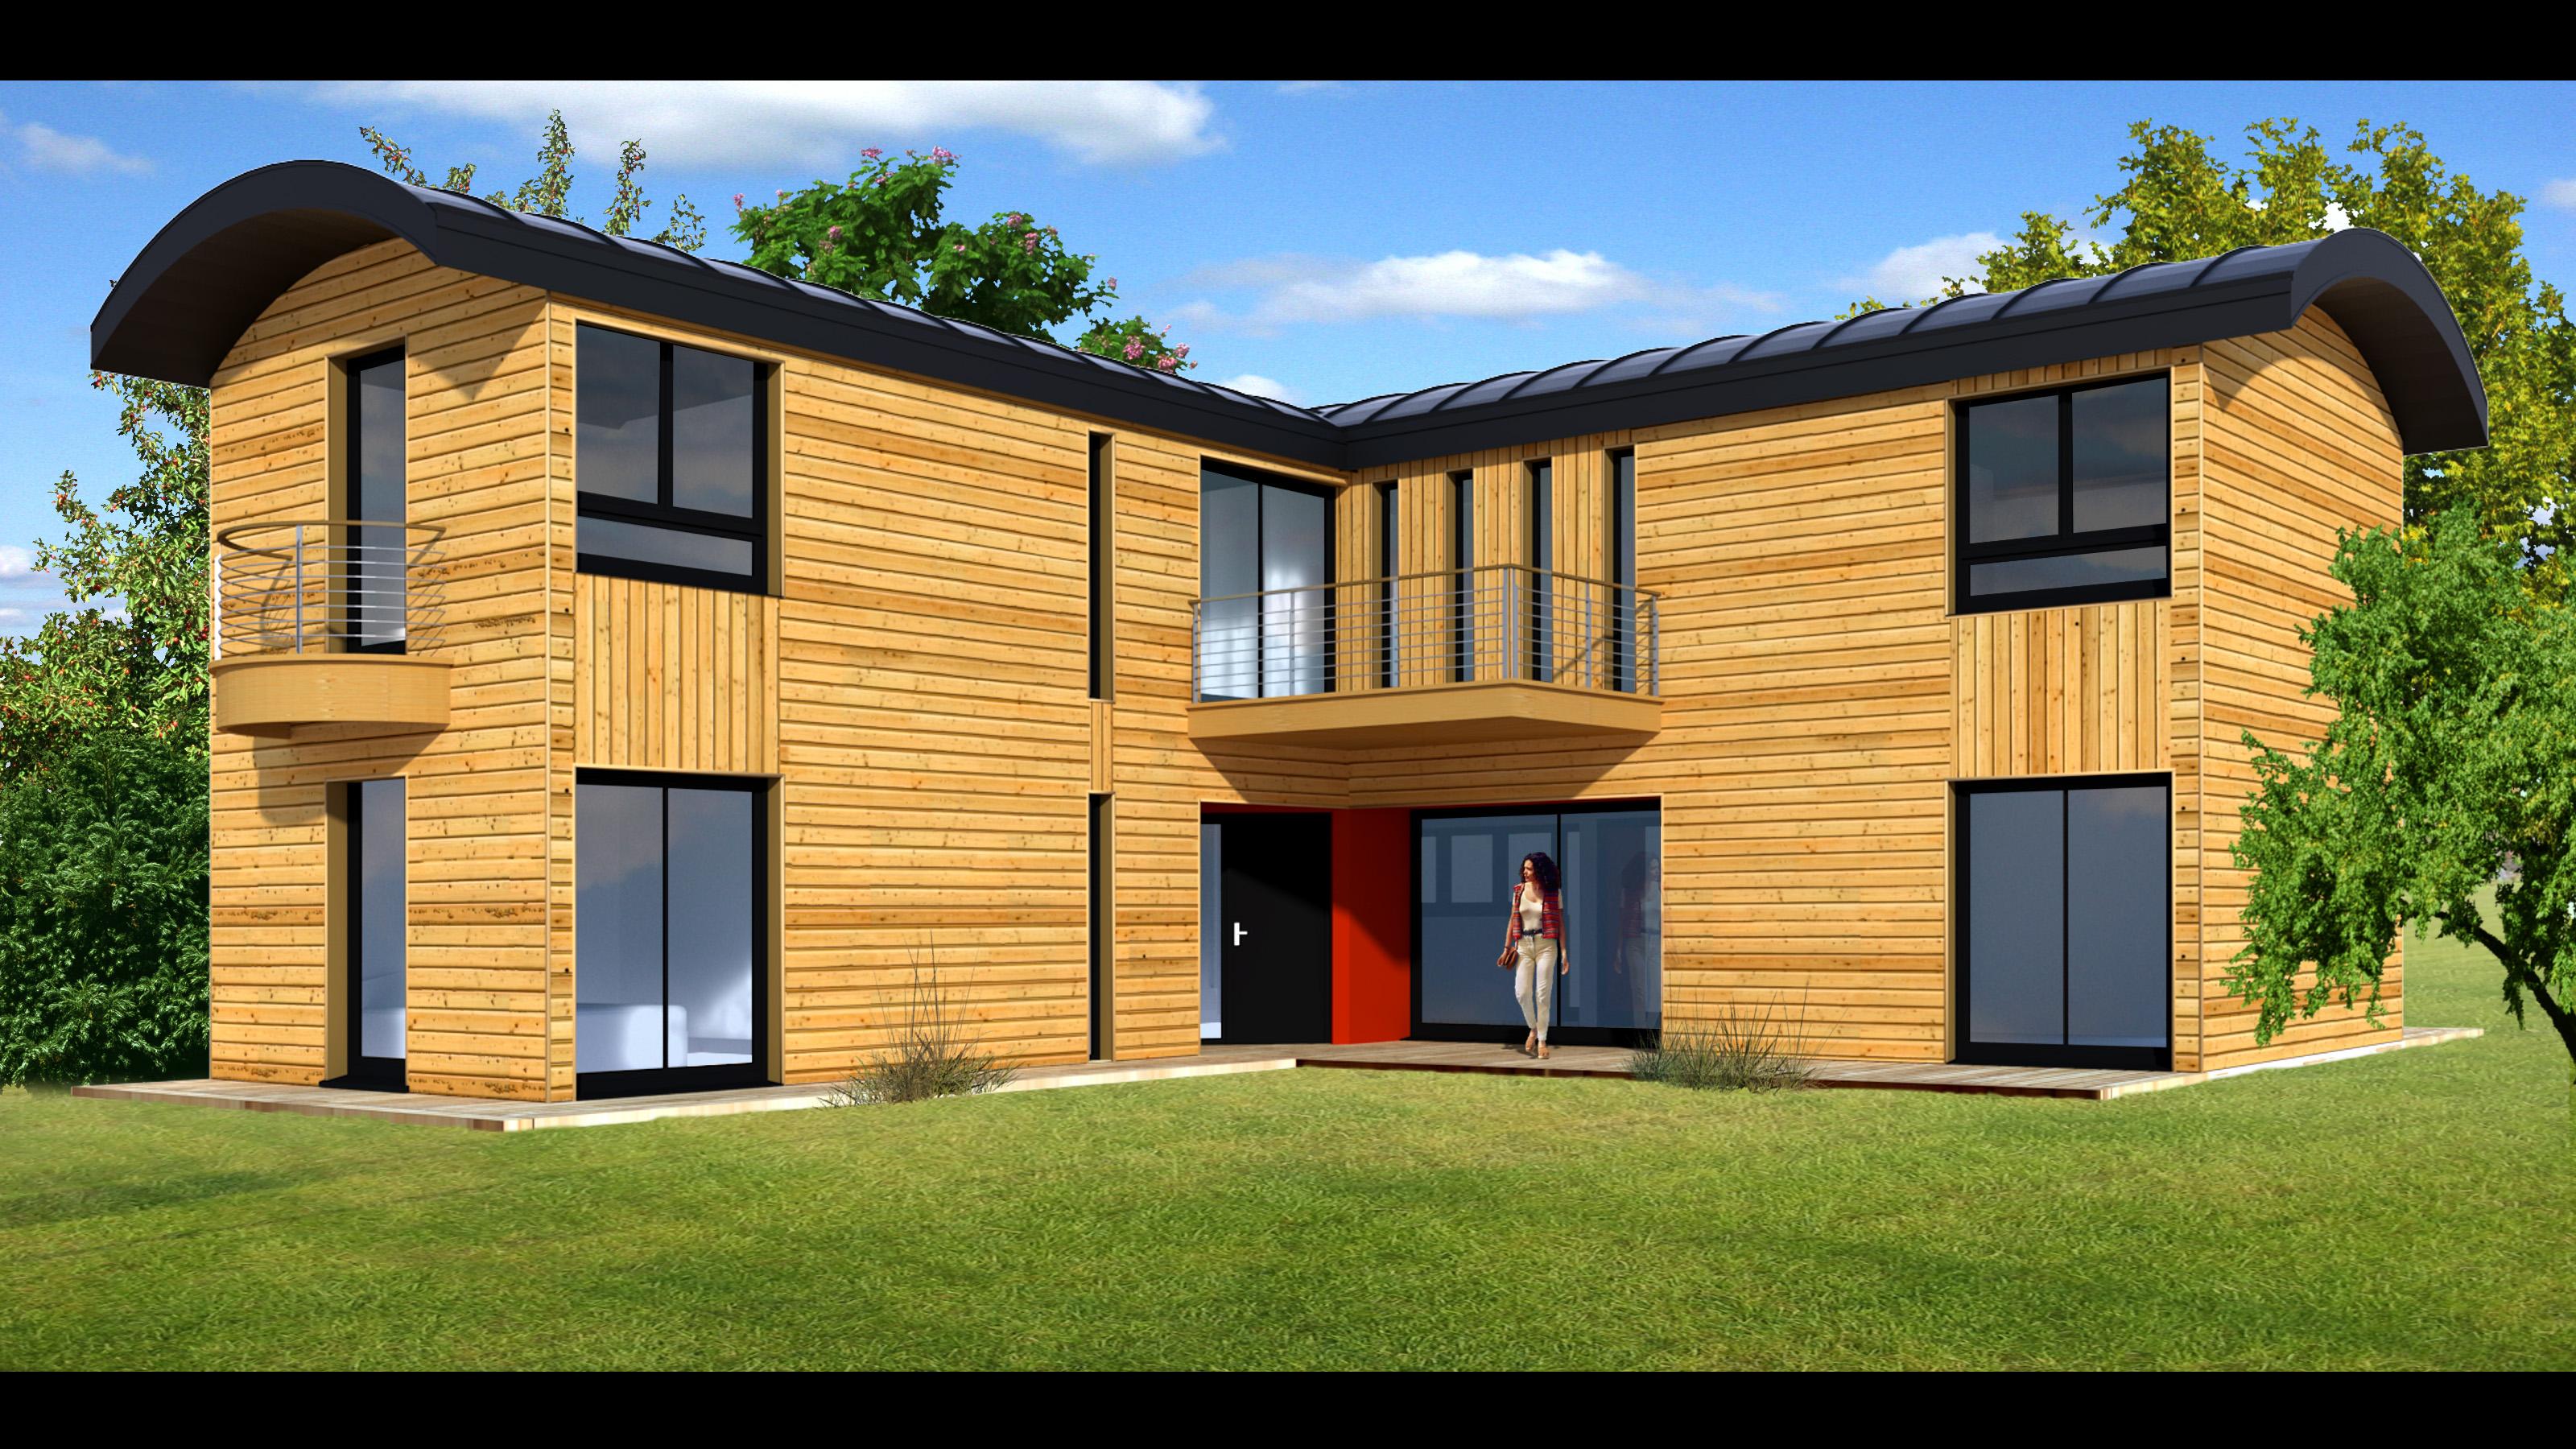 Non class constructions cologiques conomes for Maison modulaire ecologique